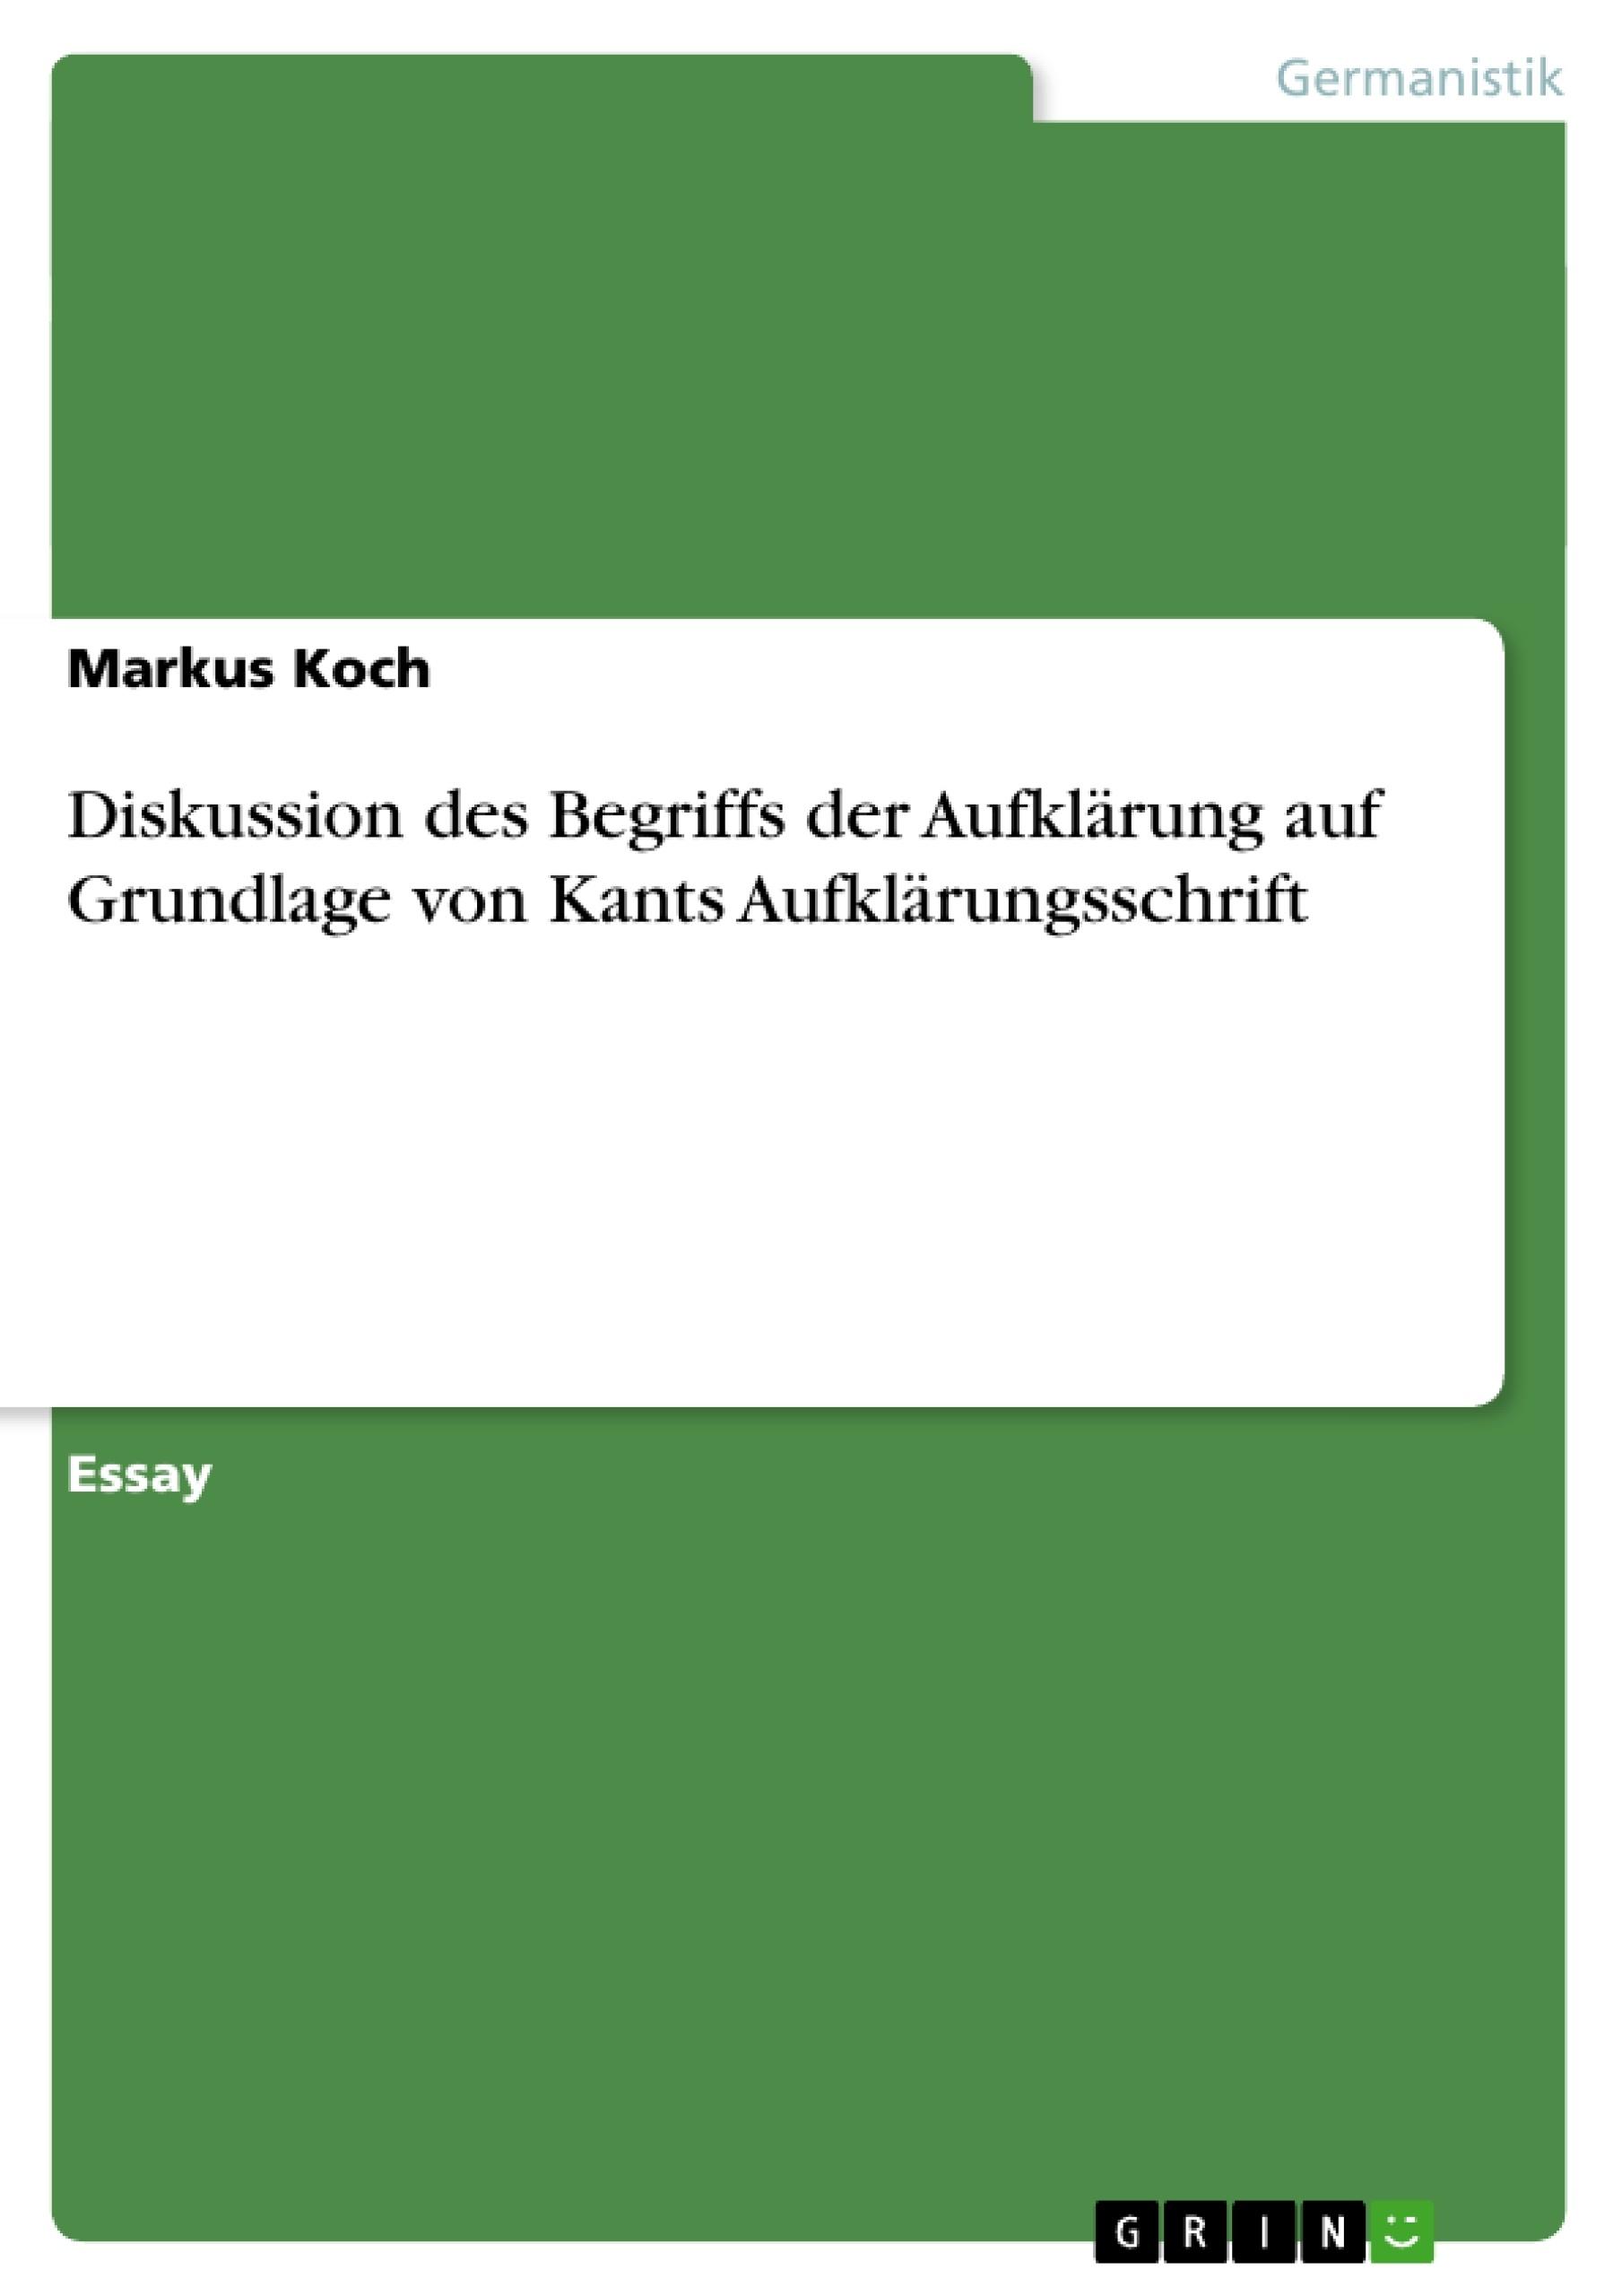 Titel: Diskussion des Begriffs der Aufklärung auf Grundlage von Kants Aufklärungsschrift